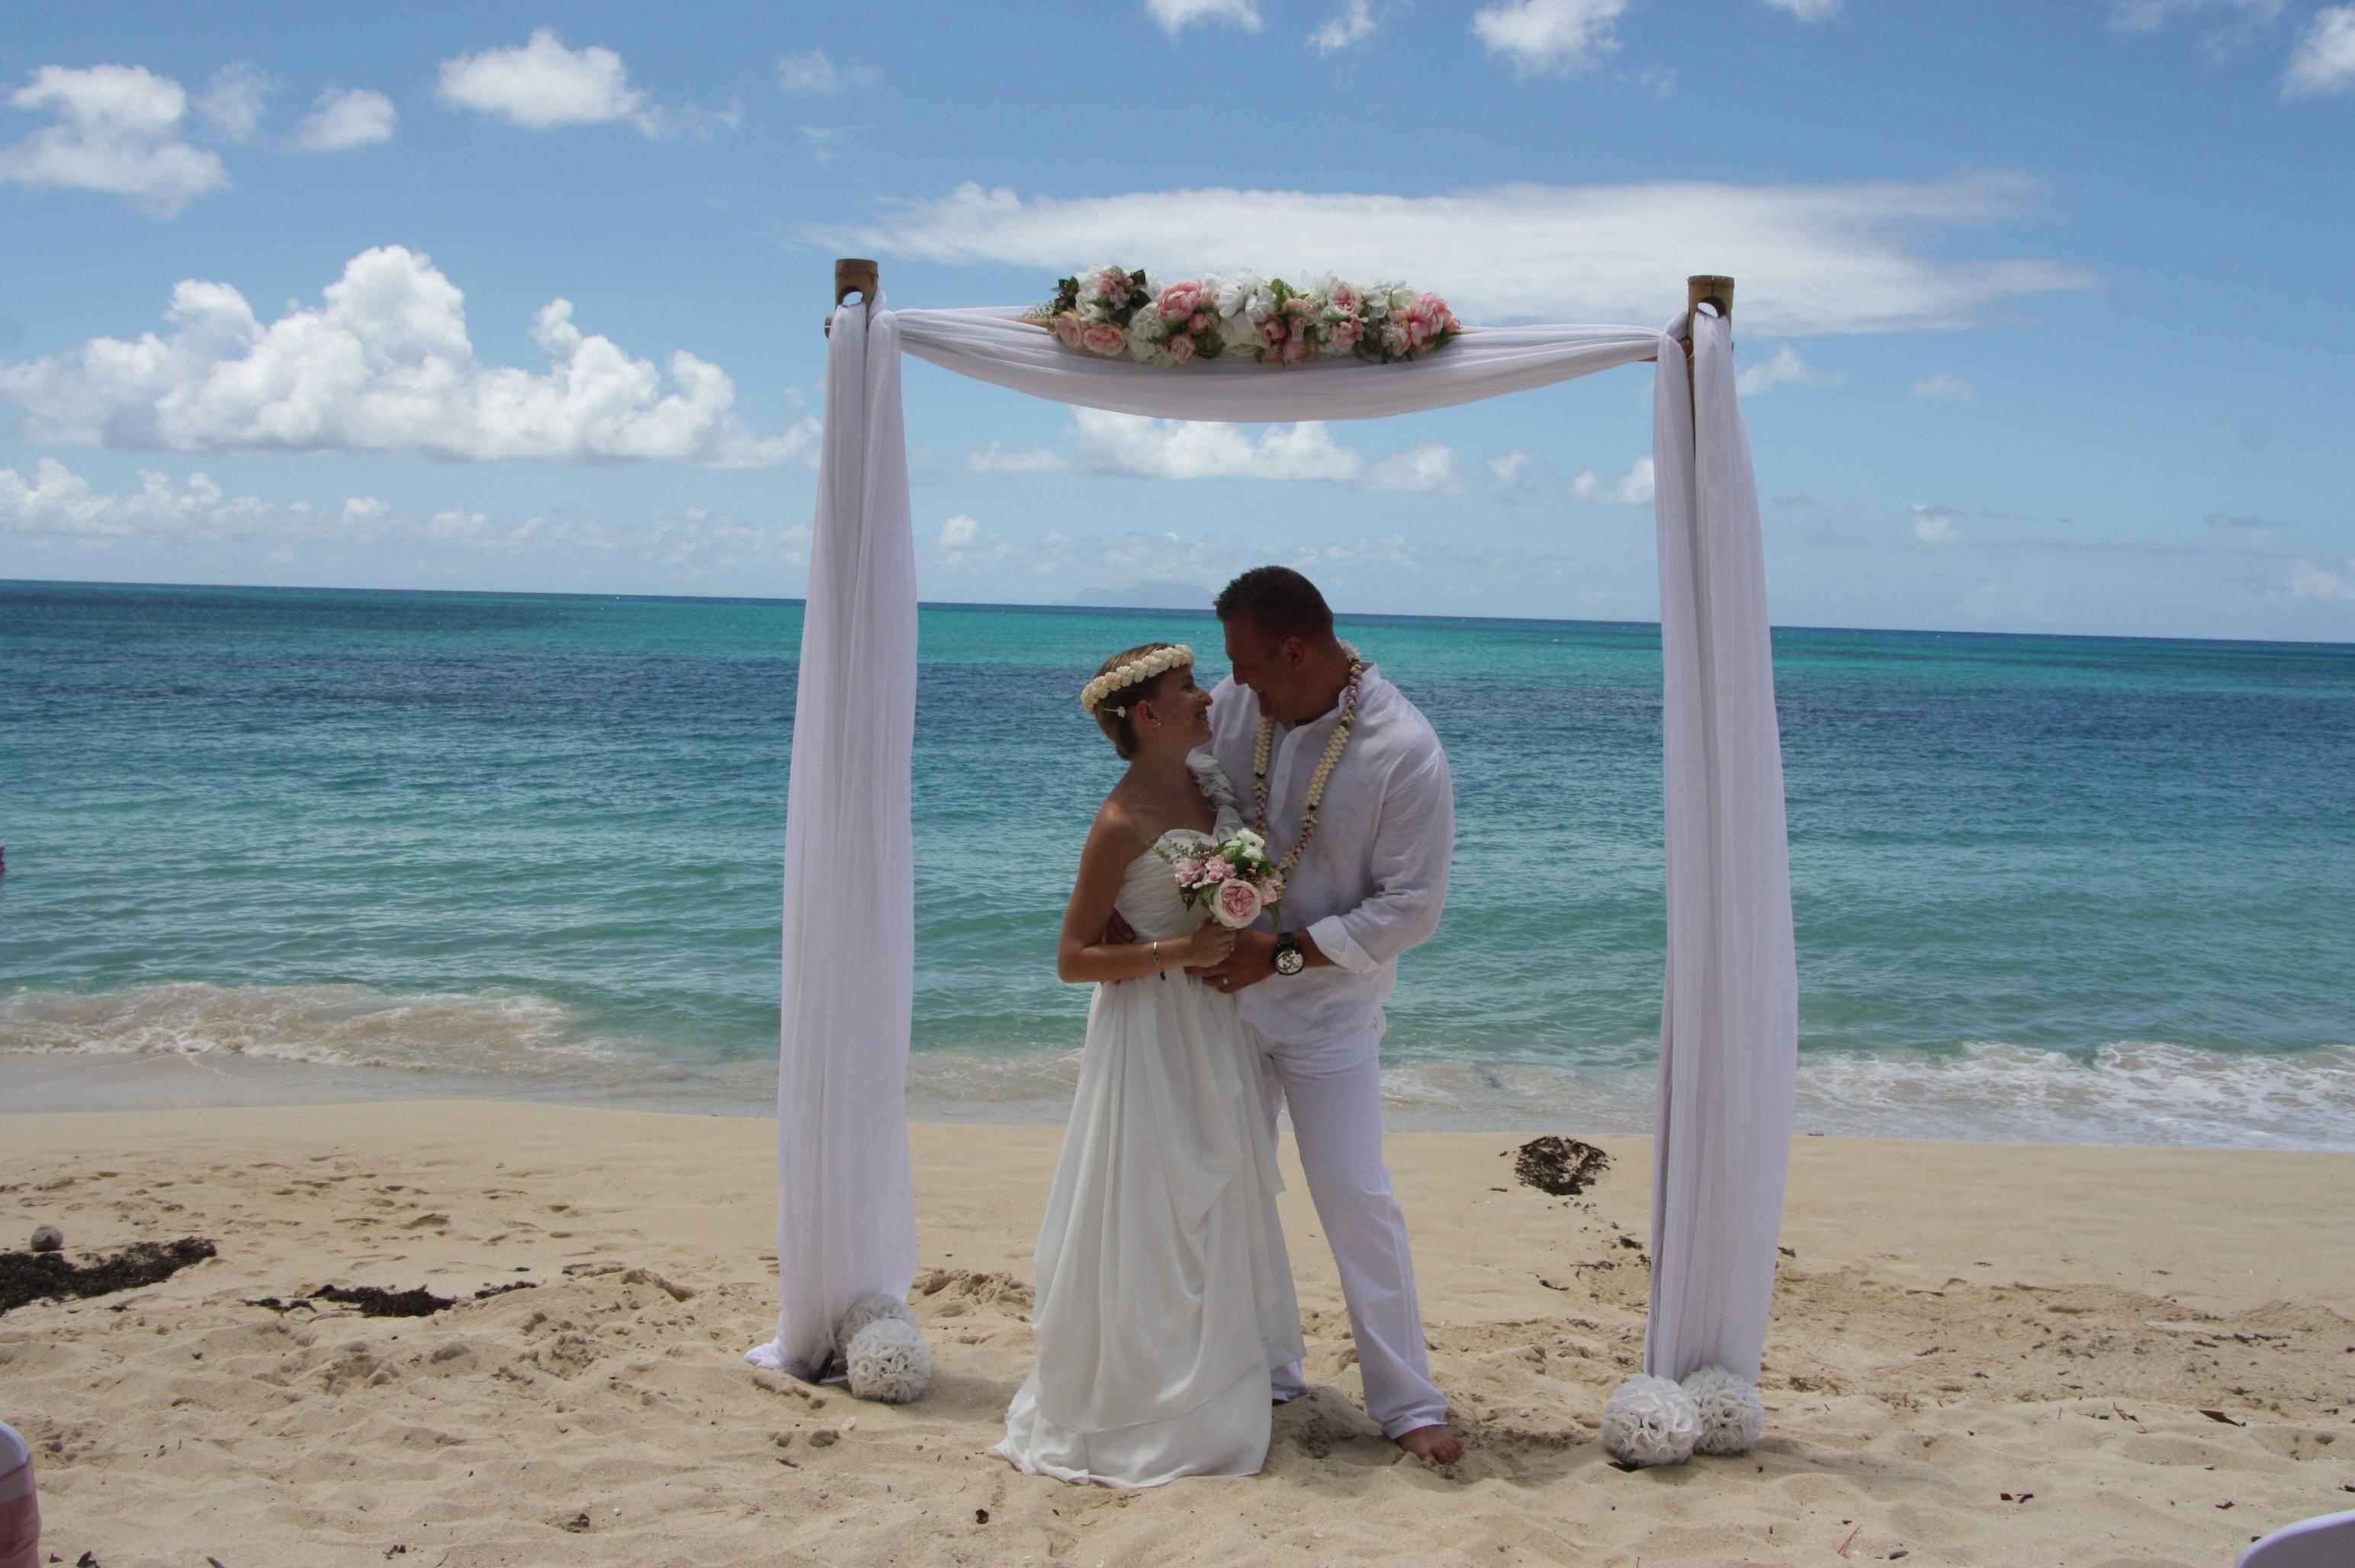 Le mariage de Clémence, sur la plage, en toute intimité !